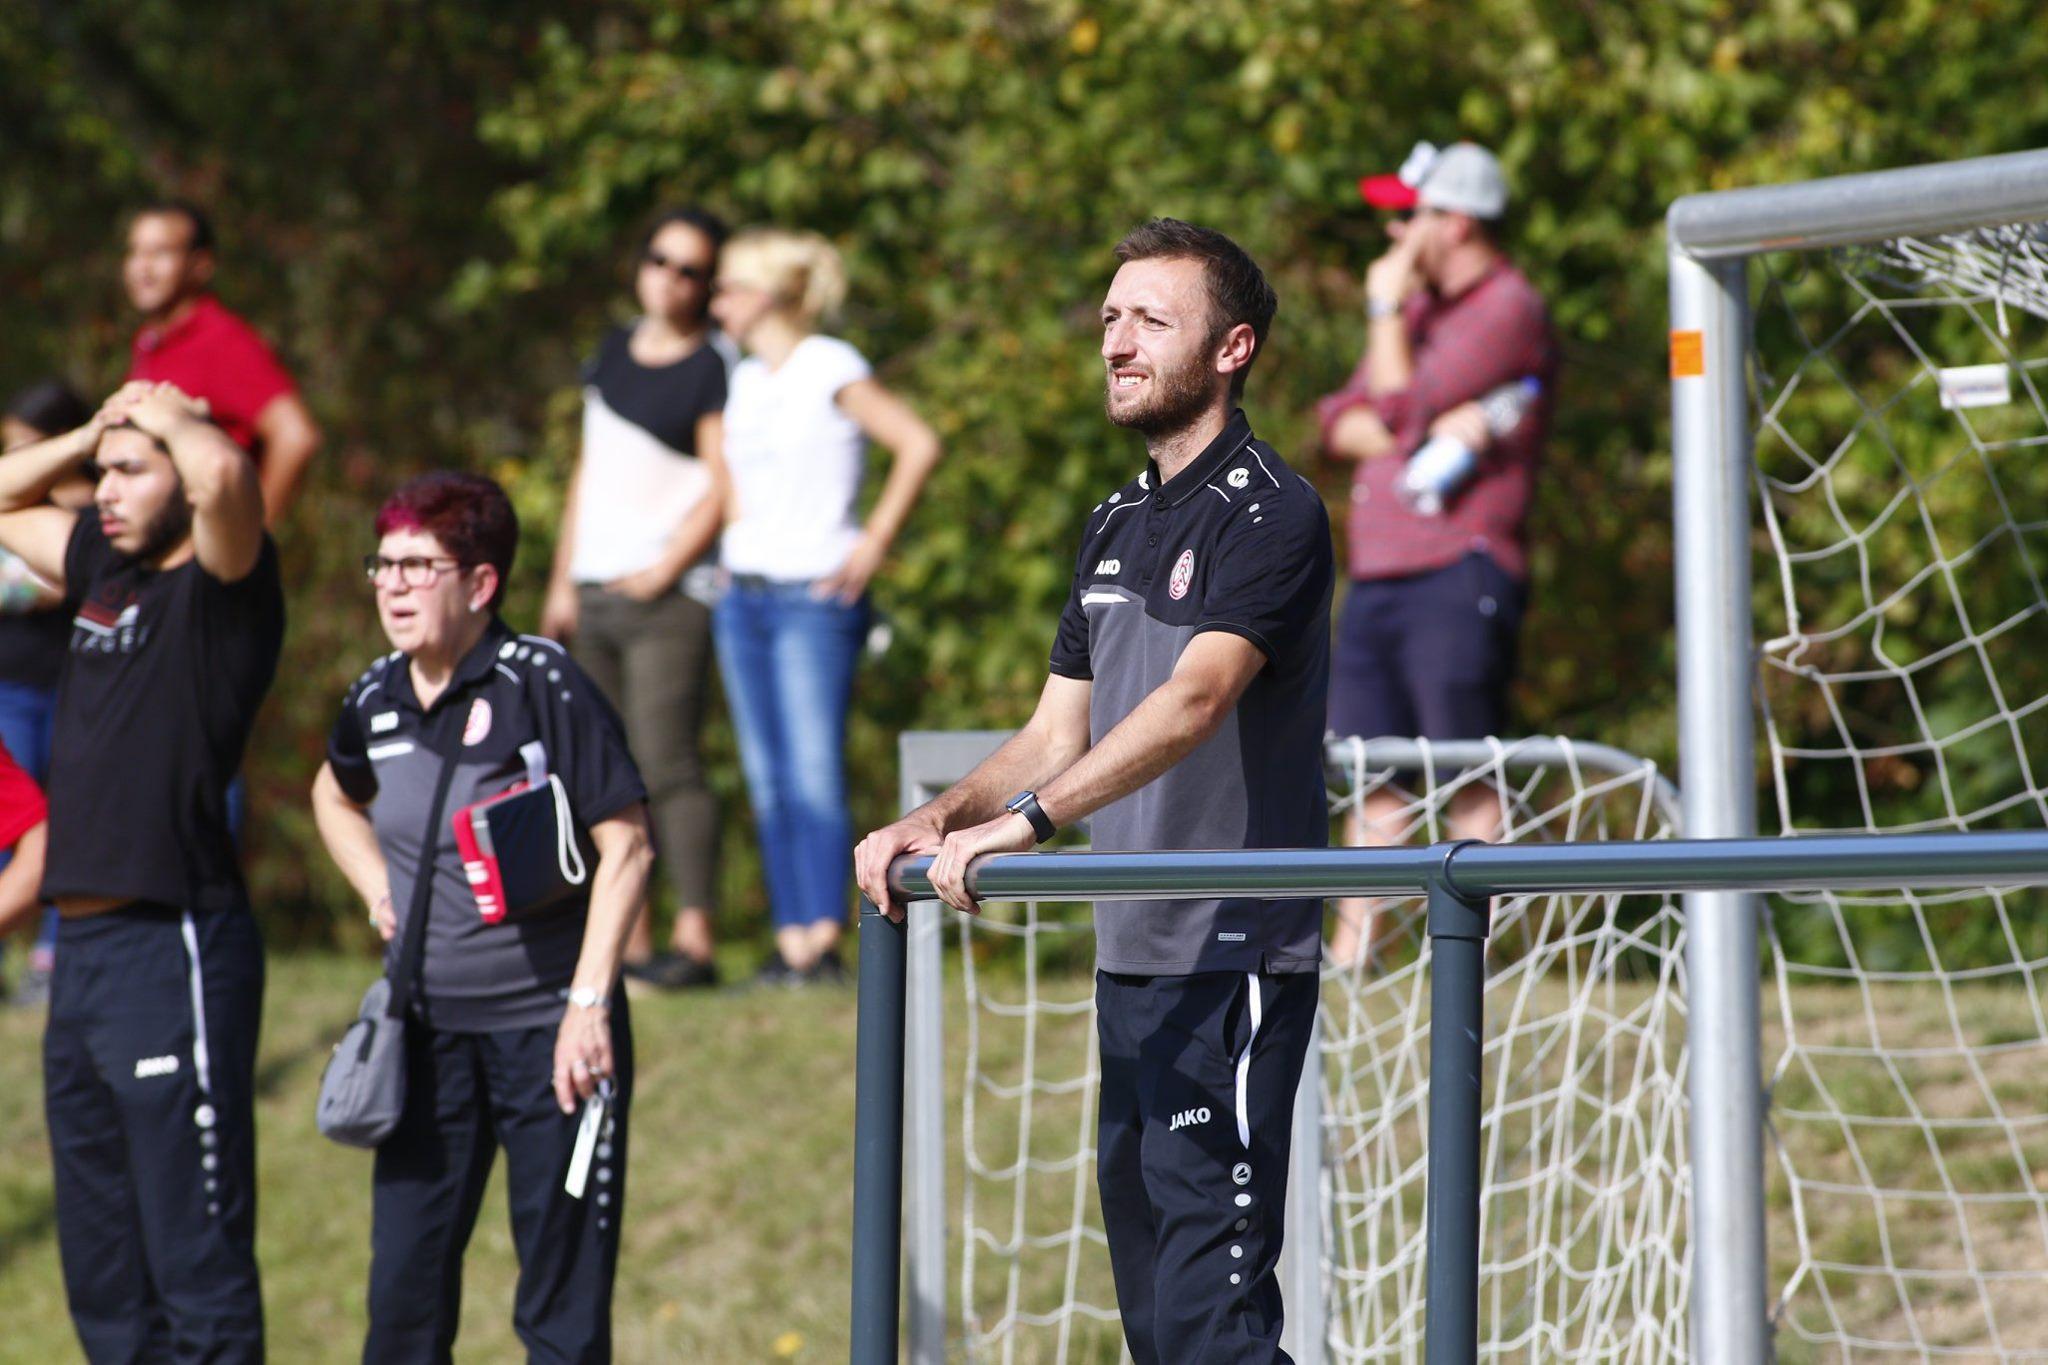 Mund abwischen, weitermachen: Am kommenden Sonntag, 11 Uhr, steht für die rot-weisse U19 das schwere Auswärtsspiel beim aktuellen Staffelsieger 1. FC Köln auf dem Programm. (Foto: Breilmannswiese)